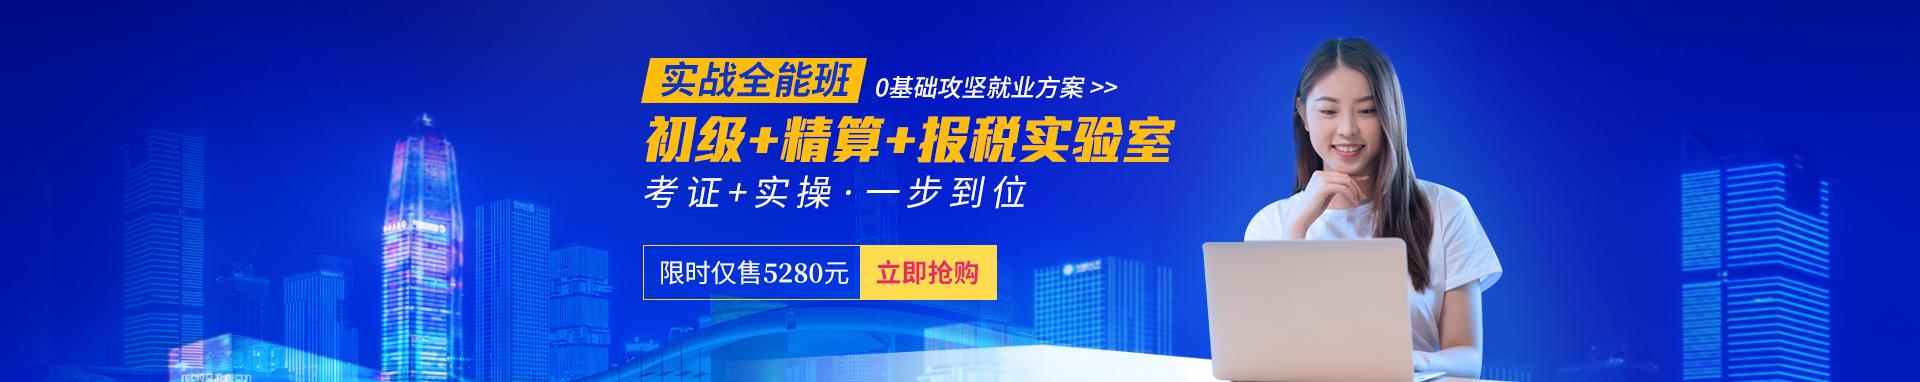 株洲仁和会计betway体育app学校 横幅广告